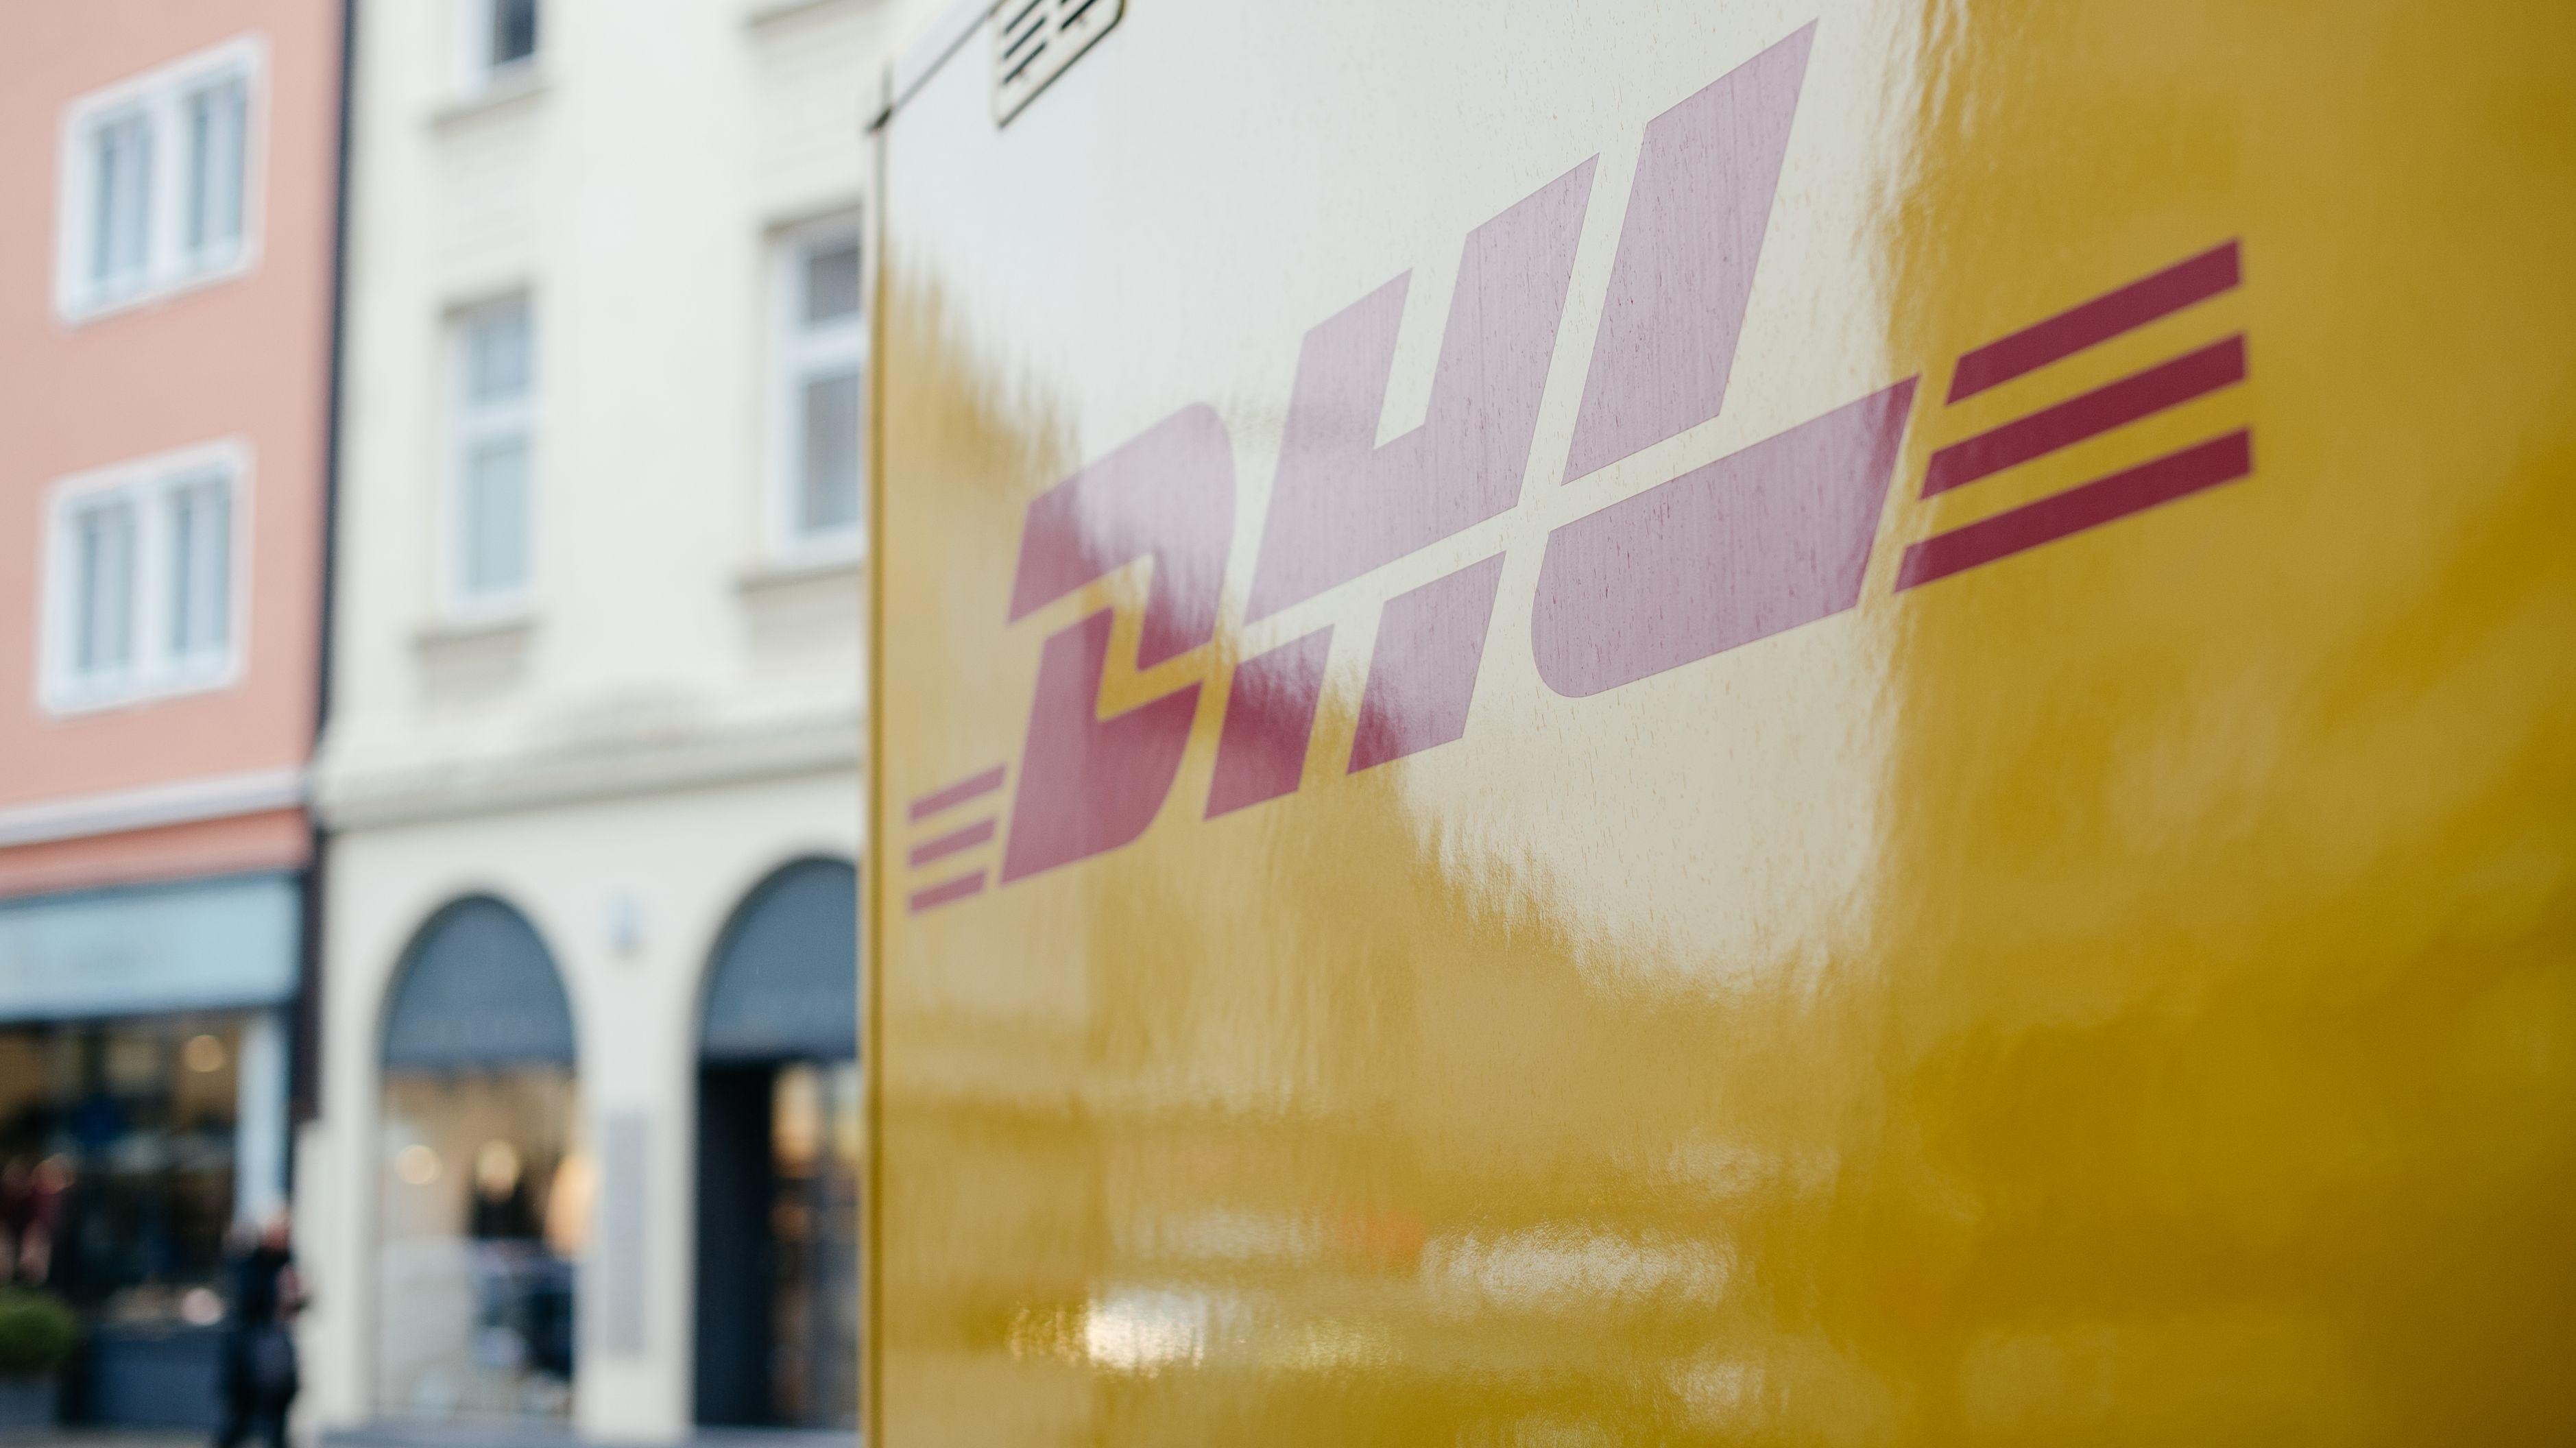 DHL widerspricht, dass Amazon bei der Paket-Zustellung bevorzugt werde